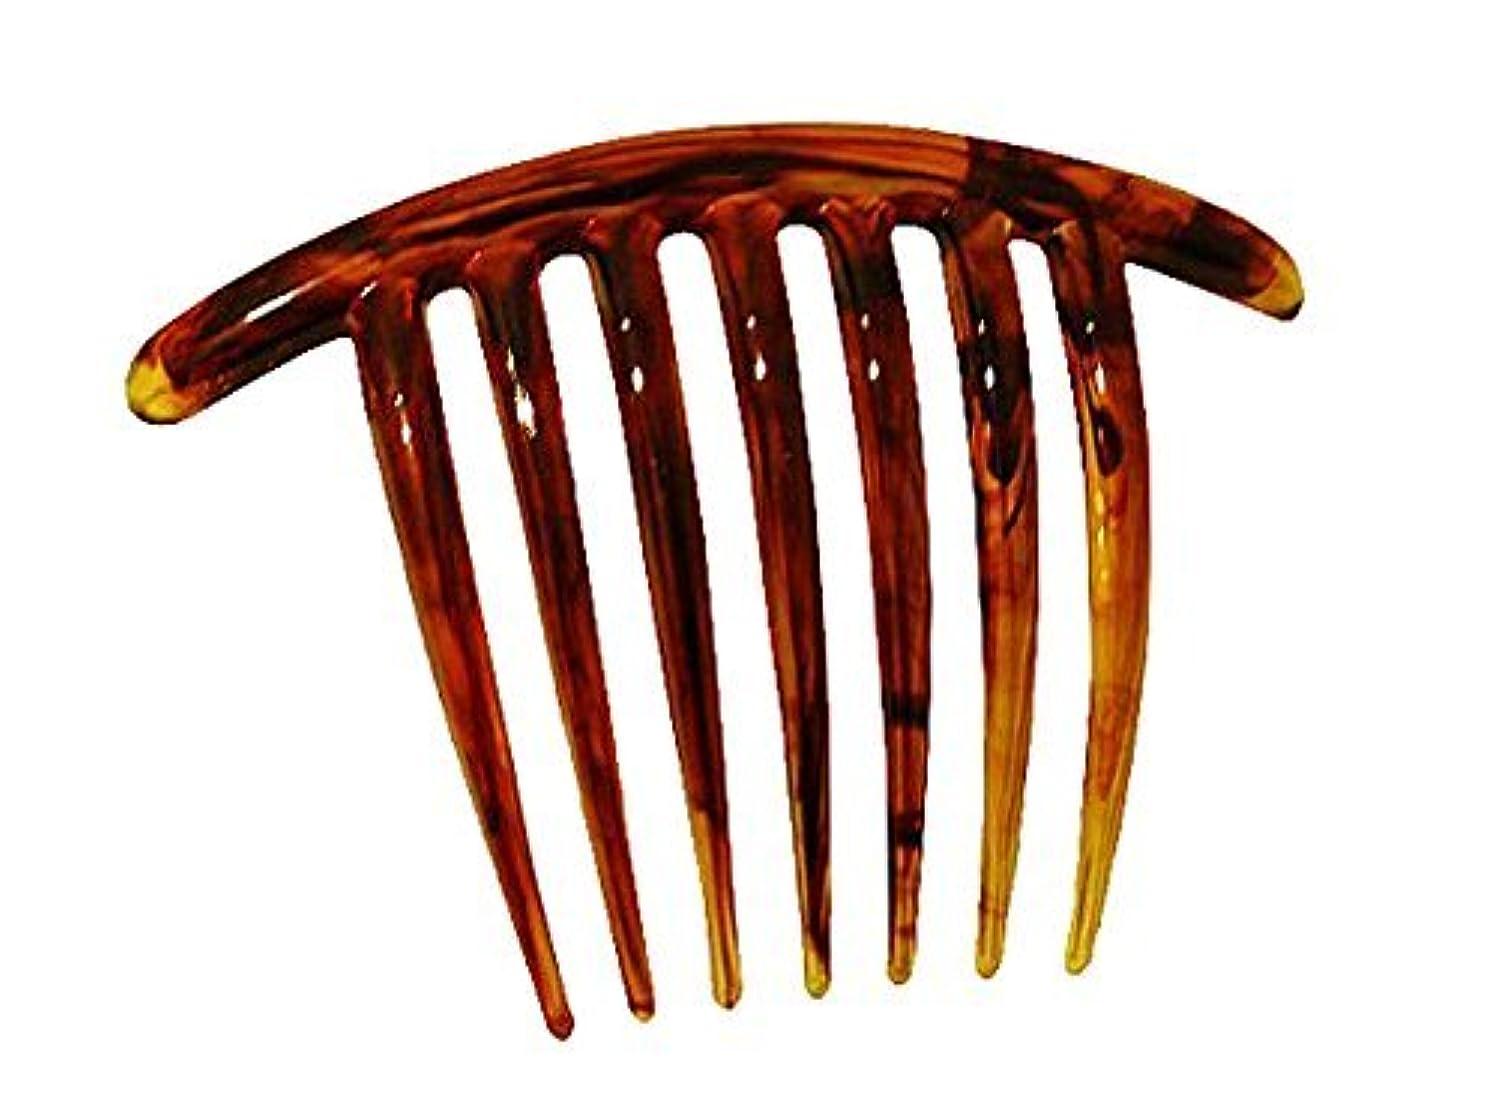 アカデミー核スキップFrench Twist Comb (set of 5) in Tortoise Shell [並行輸入品]